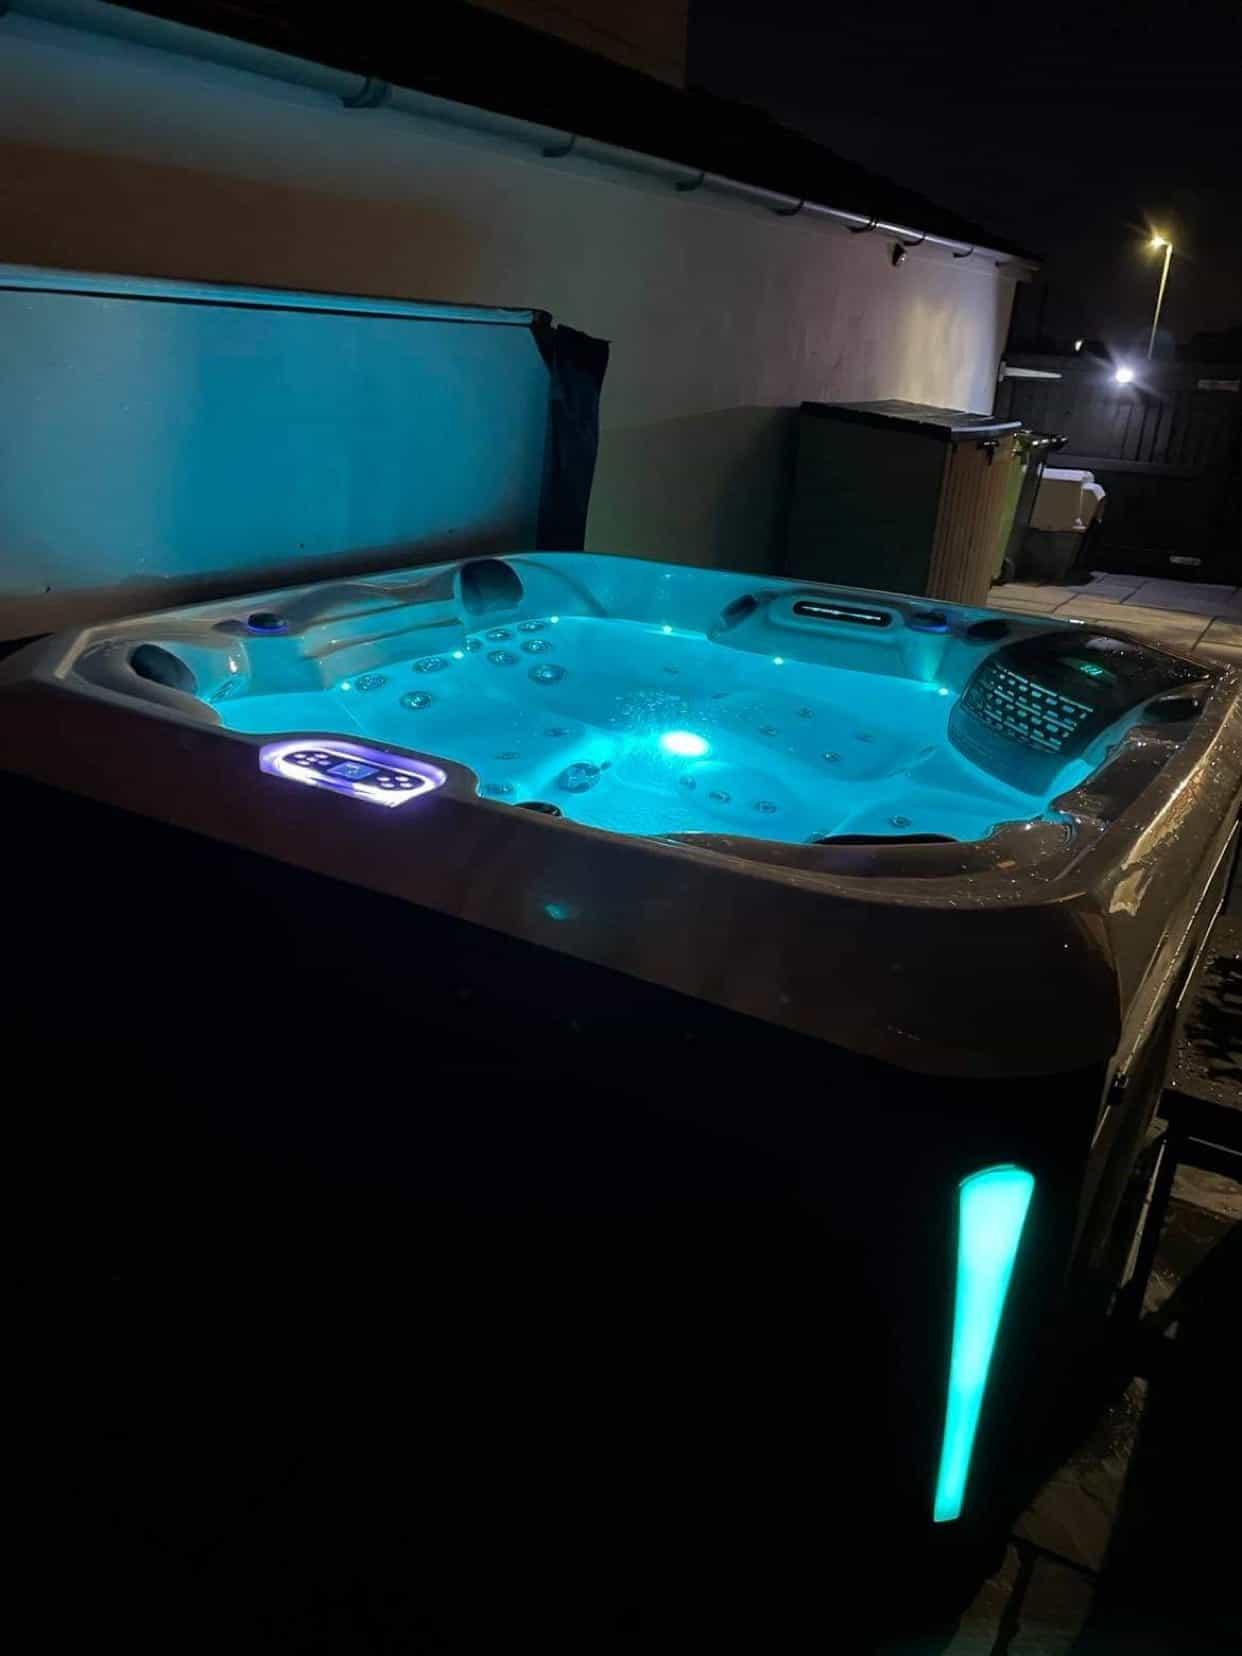 Santorini Hot Tub review